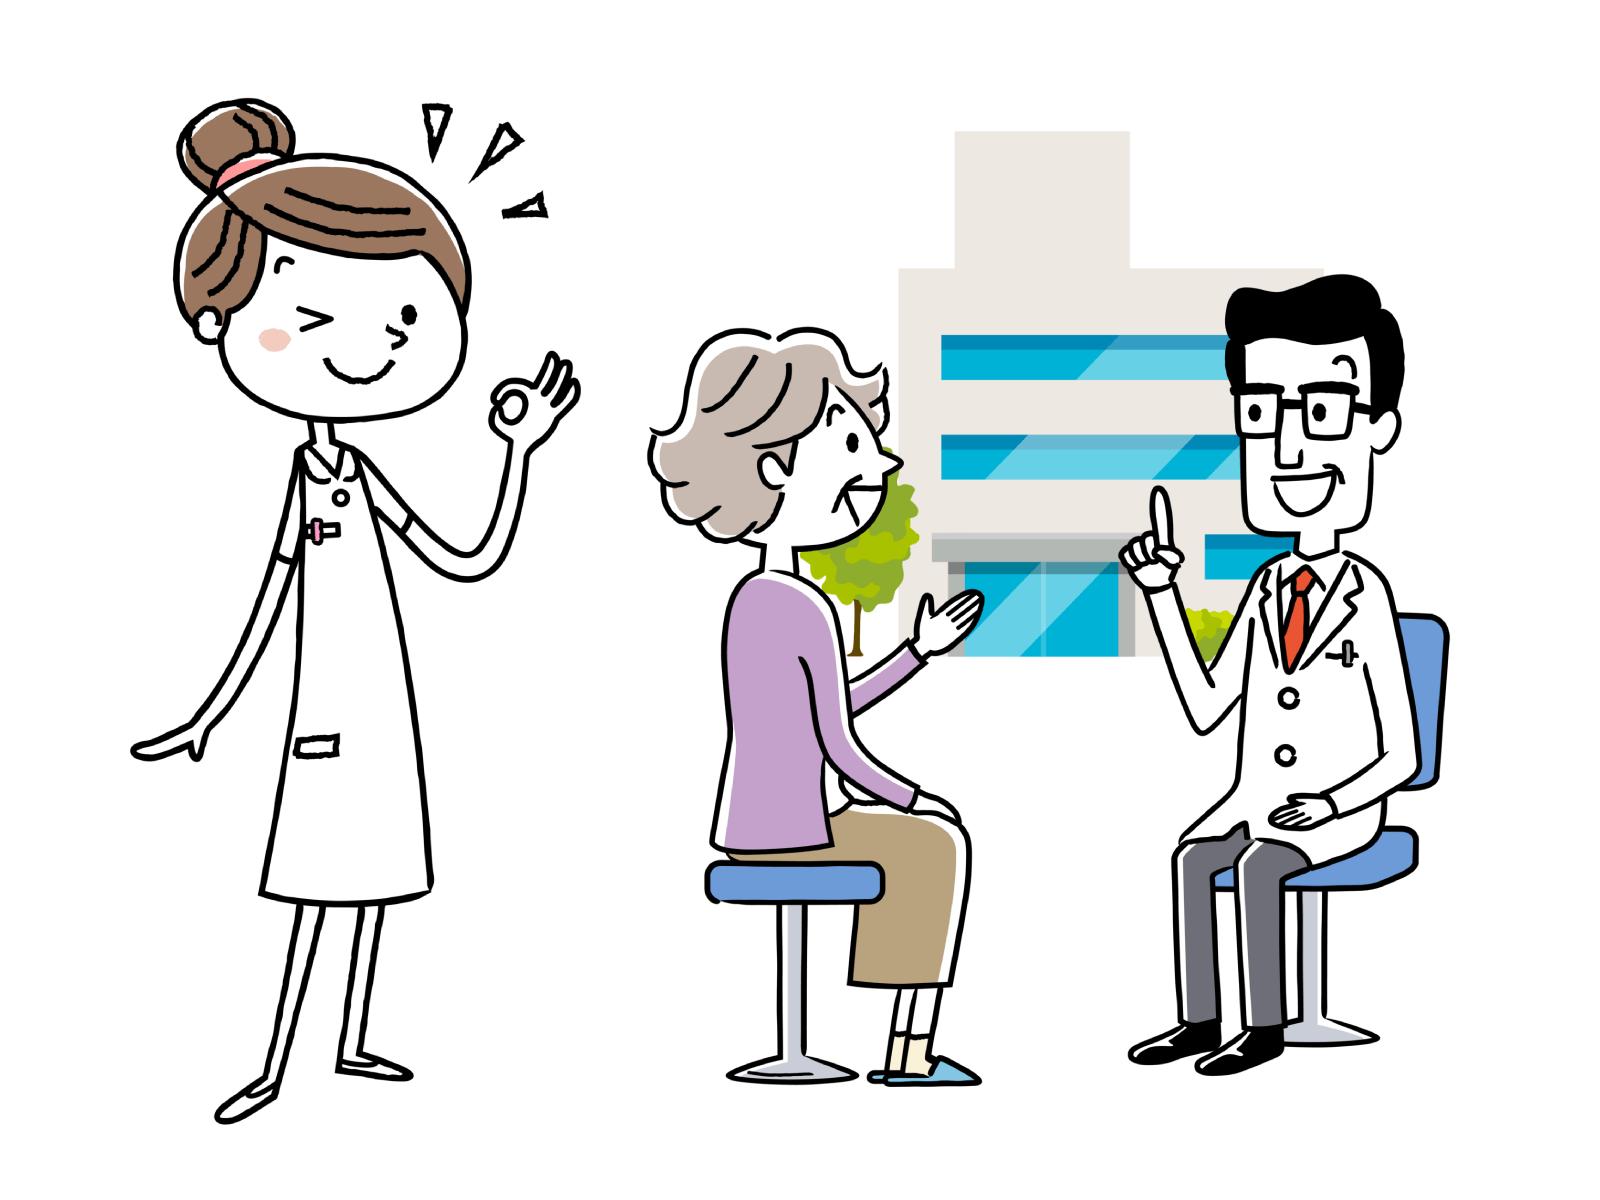 看護師の仕事は、診察・治療のサポートをするイメージイラスト